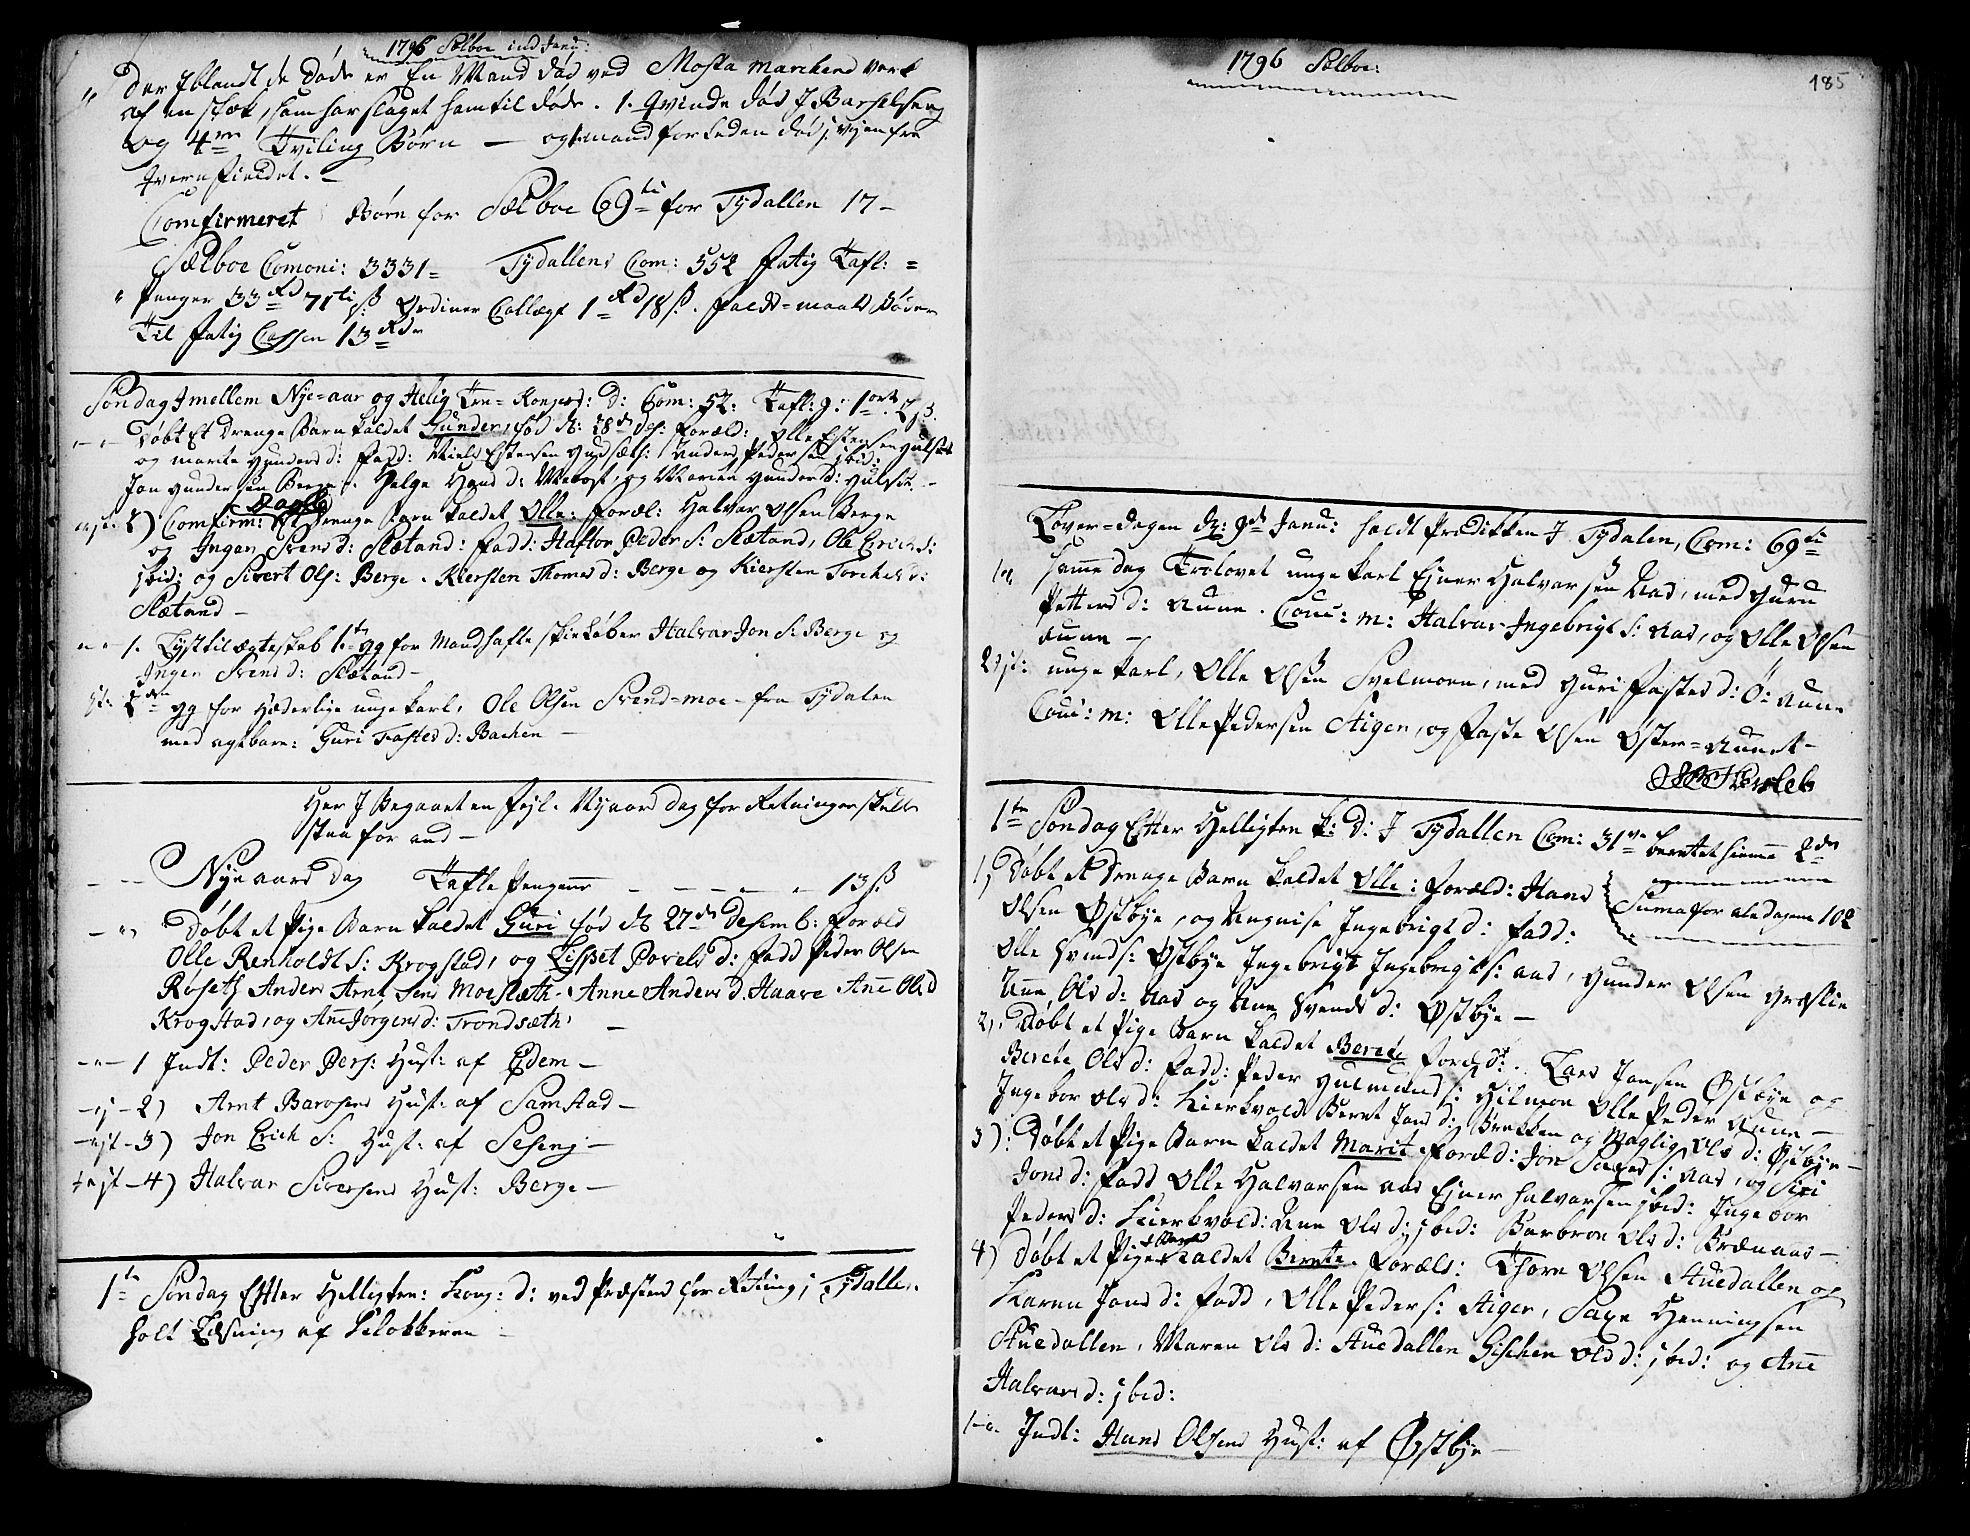 SAT, Ministerialprotokoller, klokkerbøker og fødselsregistre - Sør-Trøndelag, 695/L1138: Ministerialbok nr. 695A02 /1, 1757-1801, s. 185